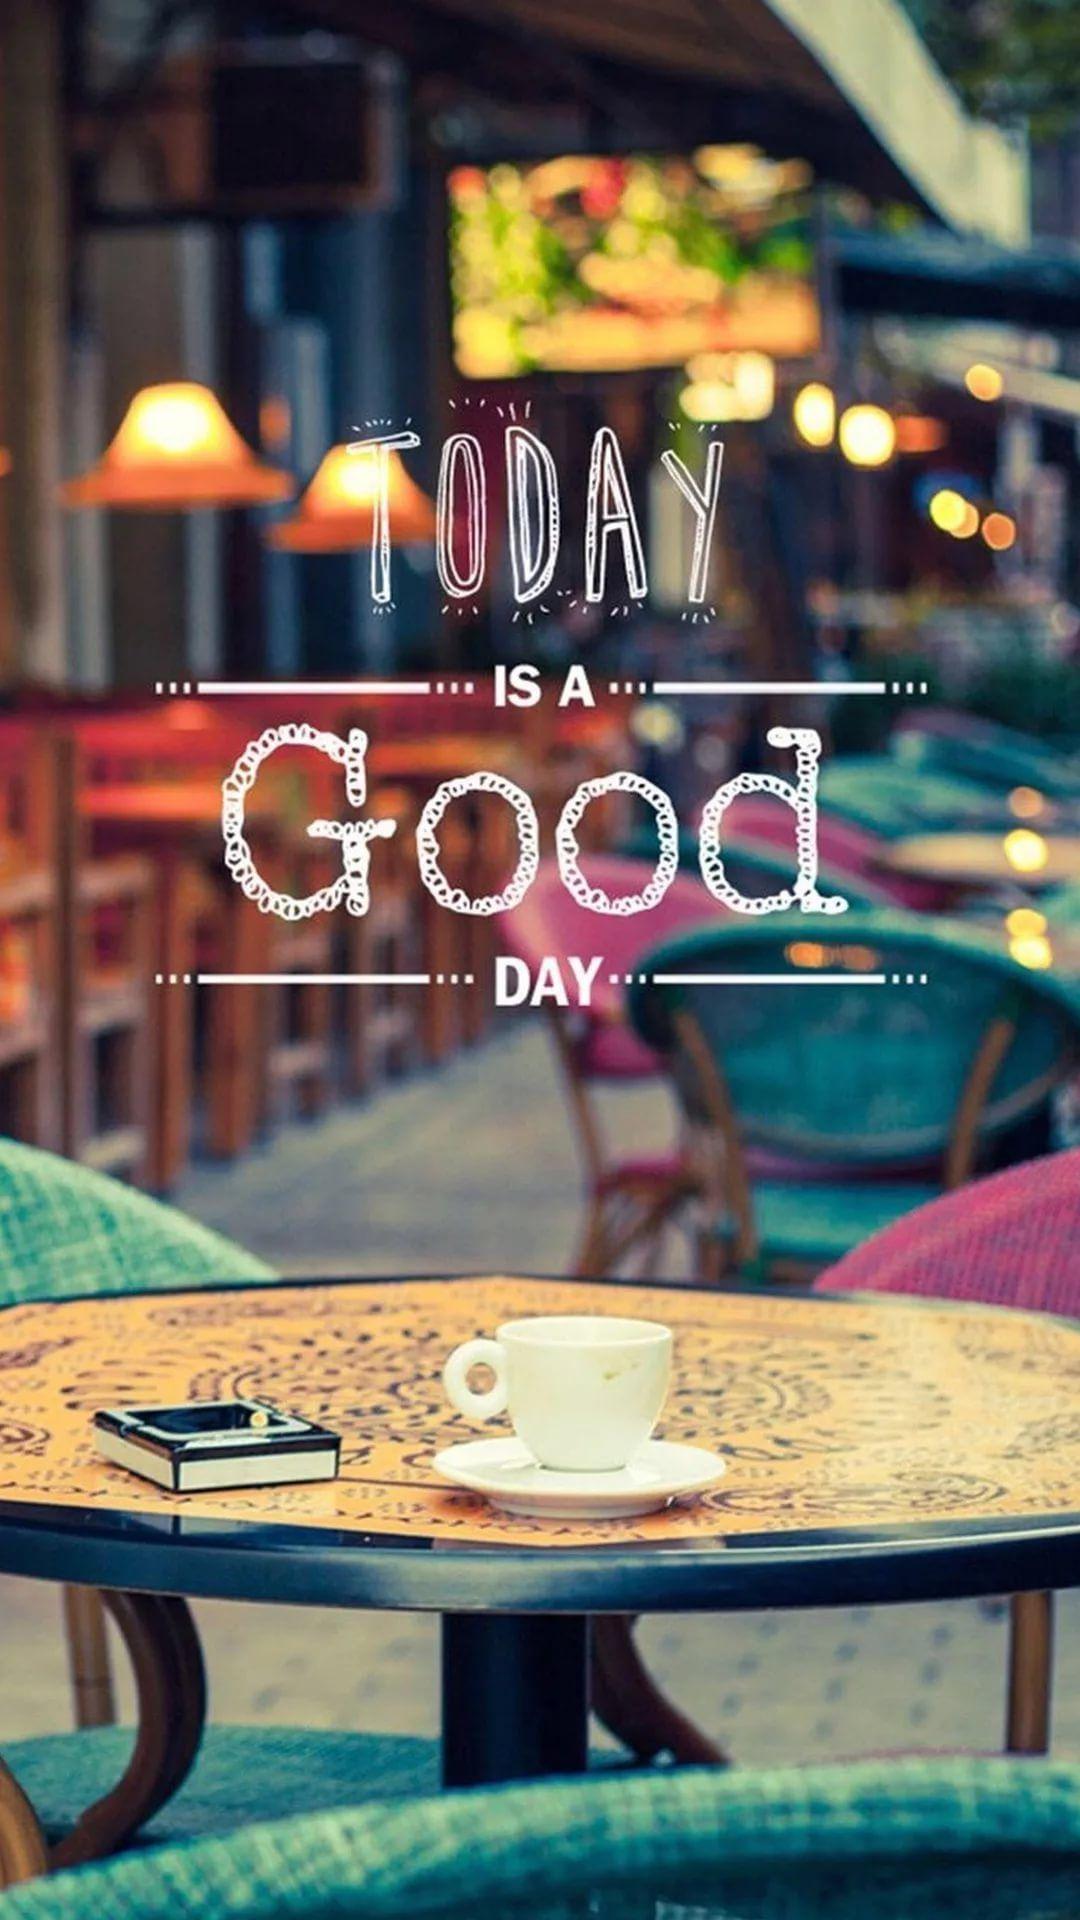 Free Good Morning Image iPhone 7 wallpaper